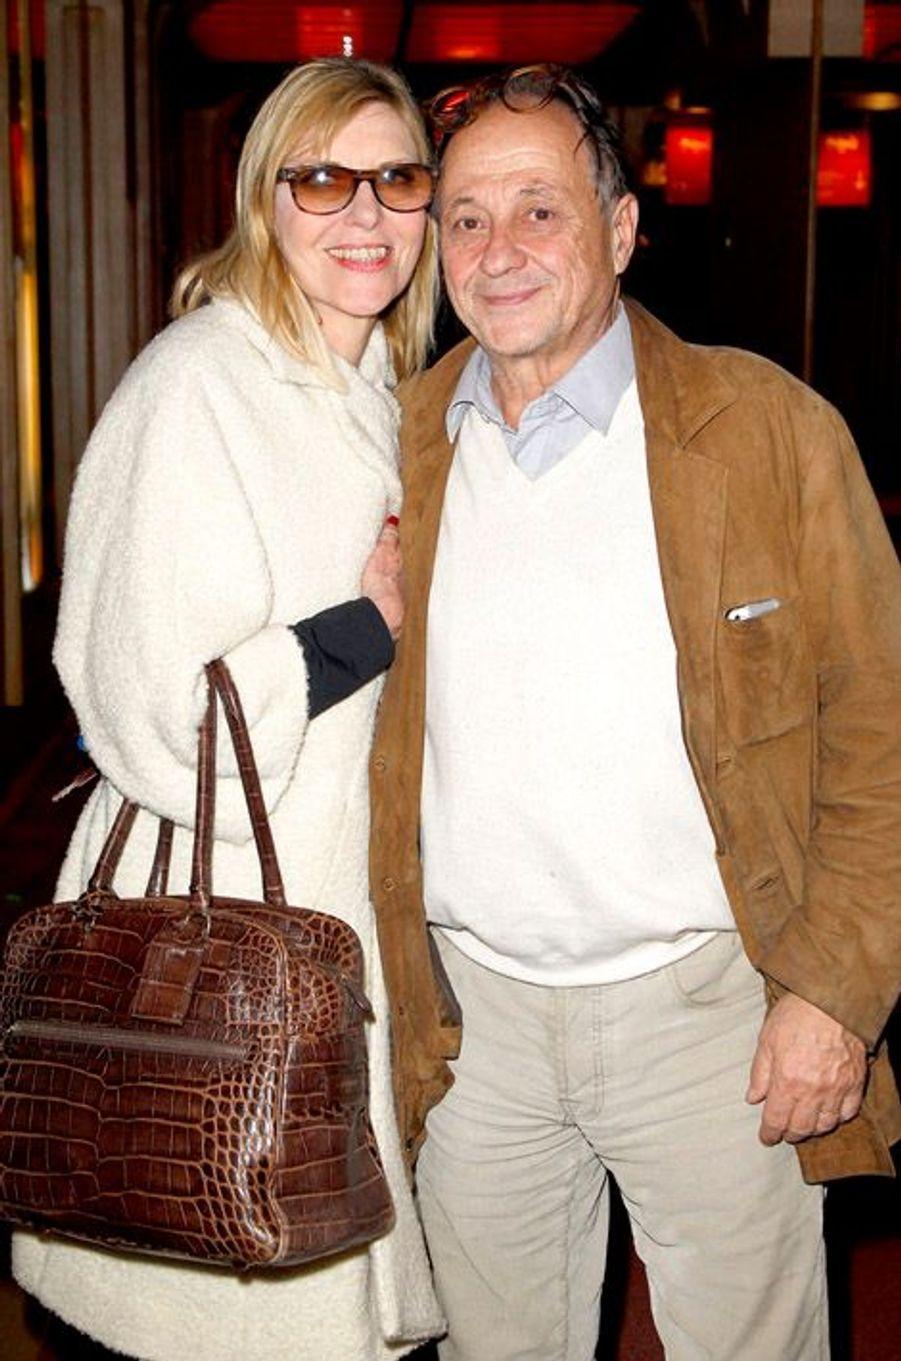 Chantal Ladesou et son mari, Michel, au musée Grévin le dimanche 12 octobre 2014